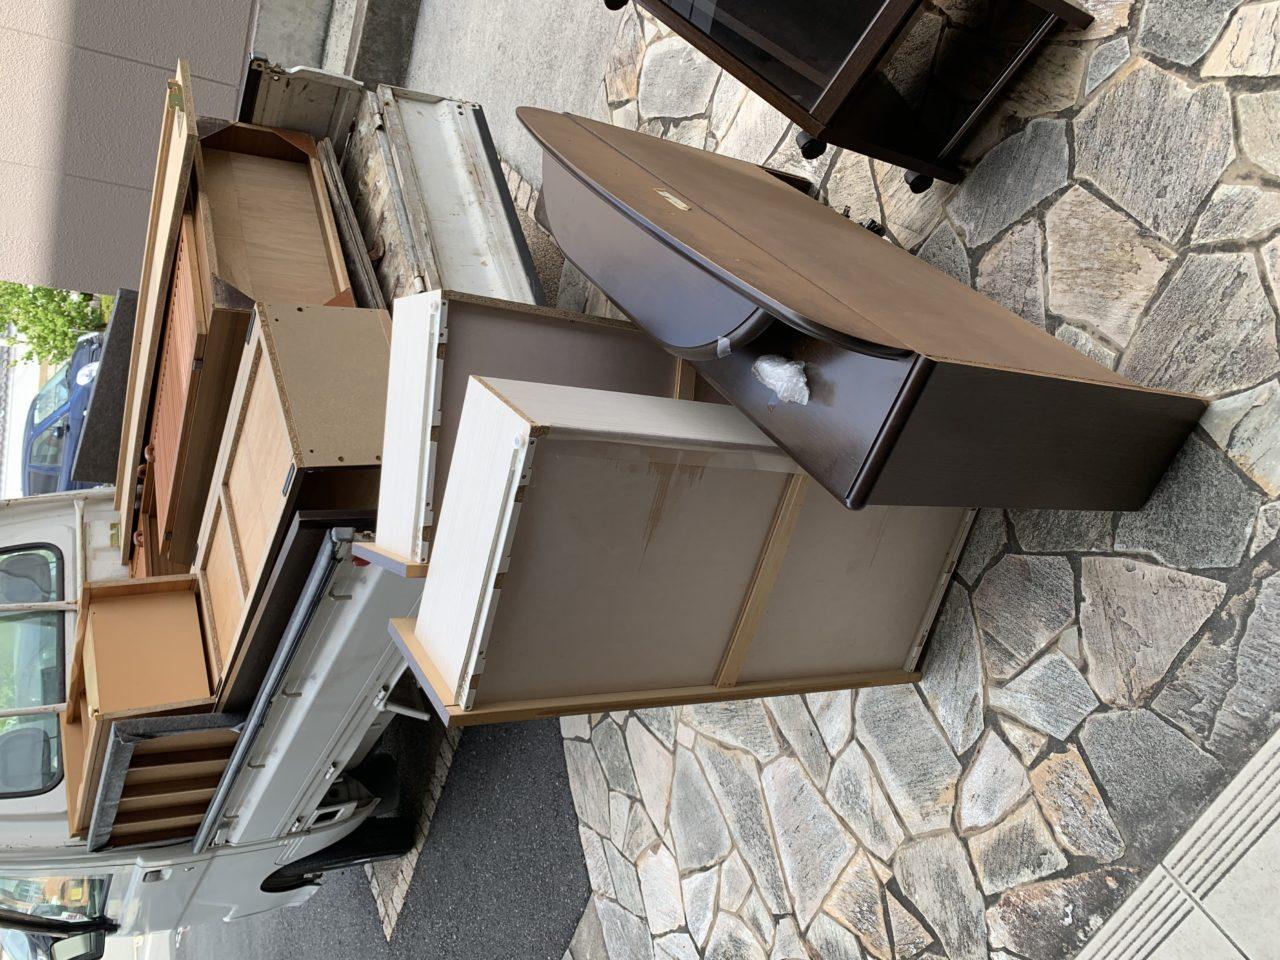 大阪府河内長野市にて引っ越しのお手伝い・不用品回収のお手伝いをしてまいりました